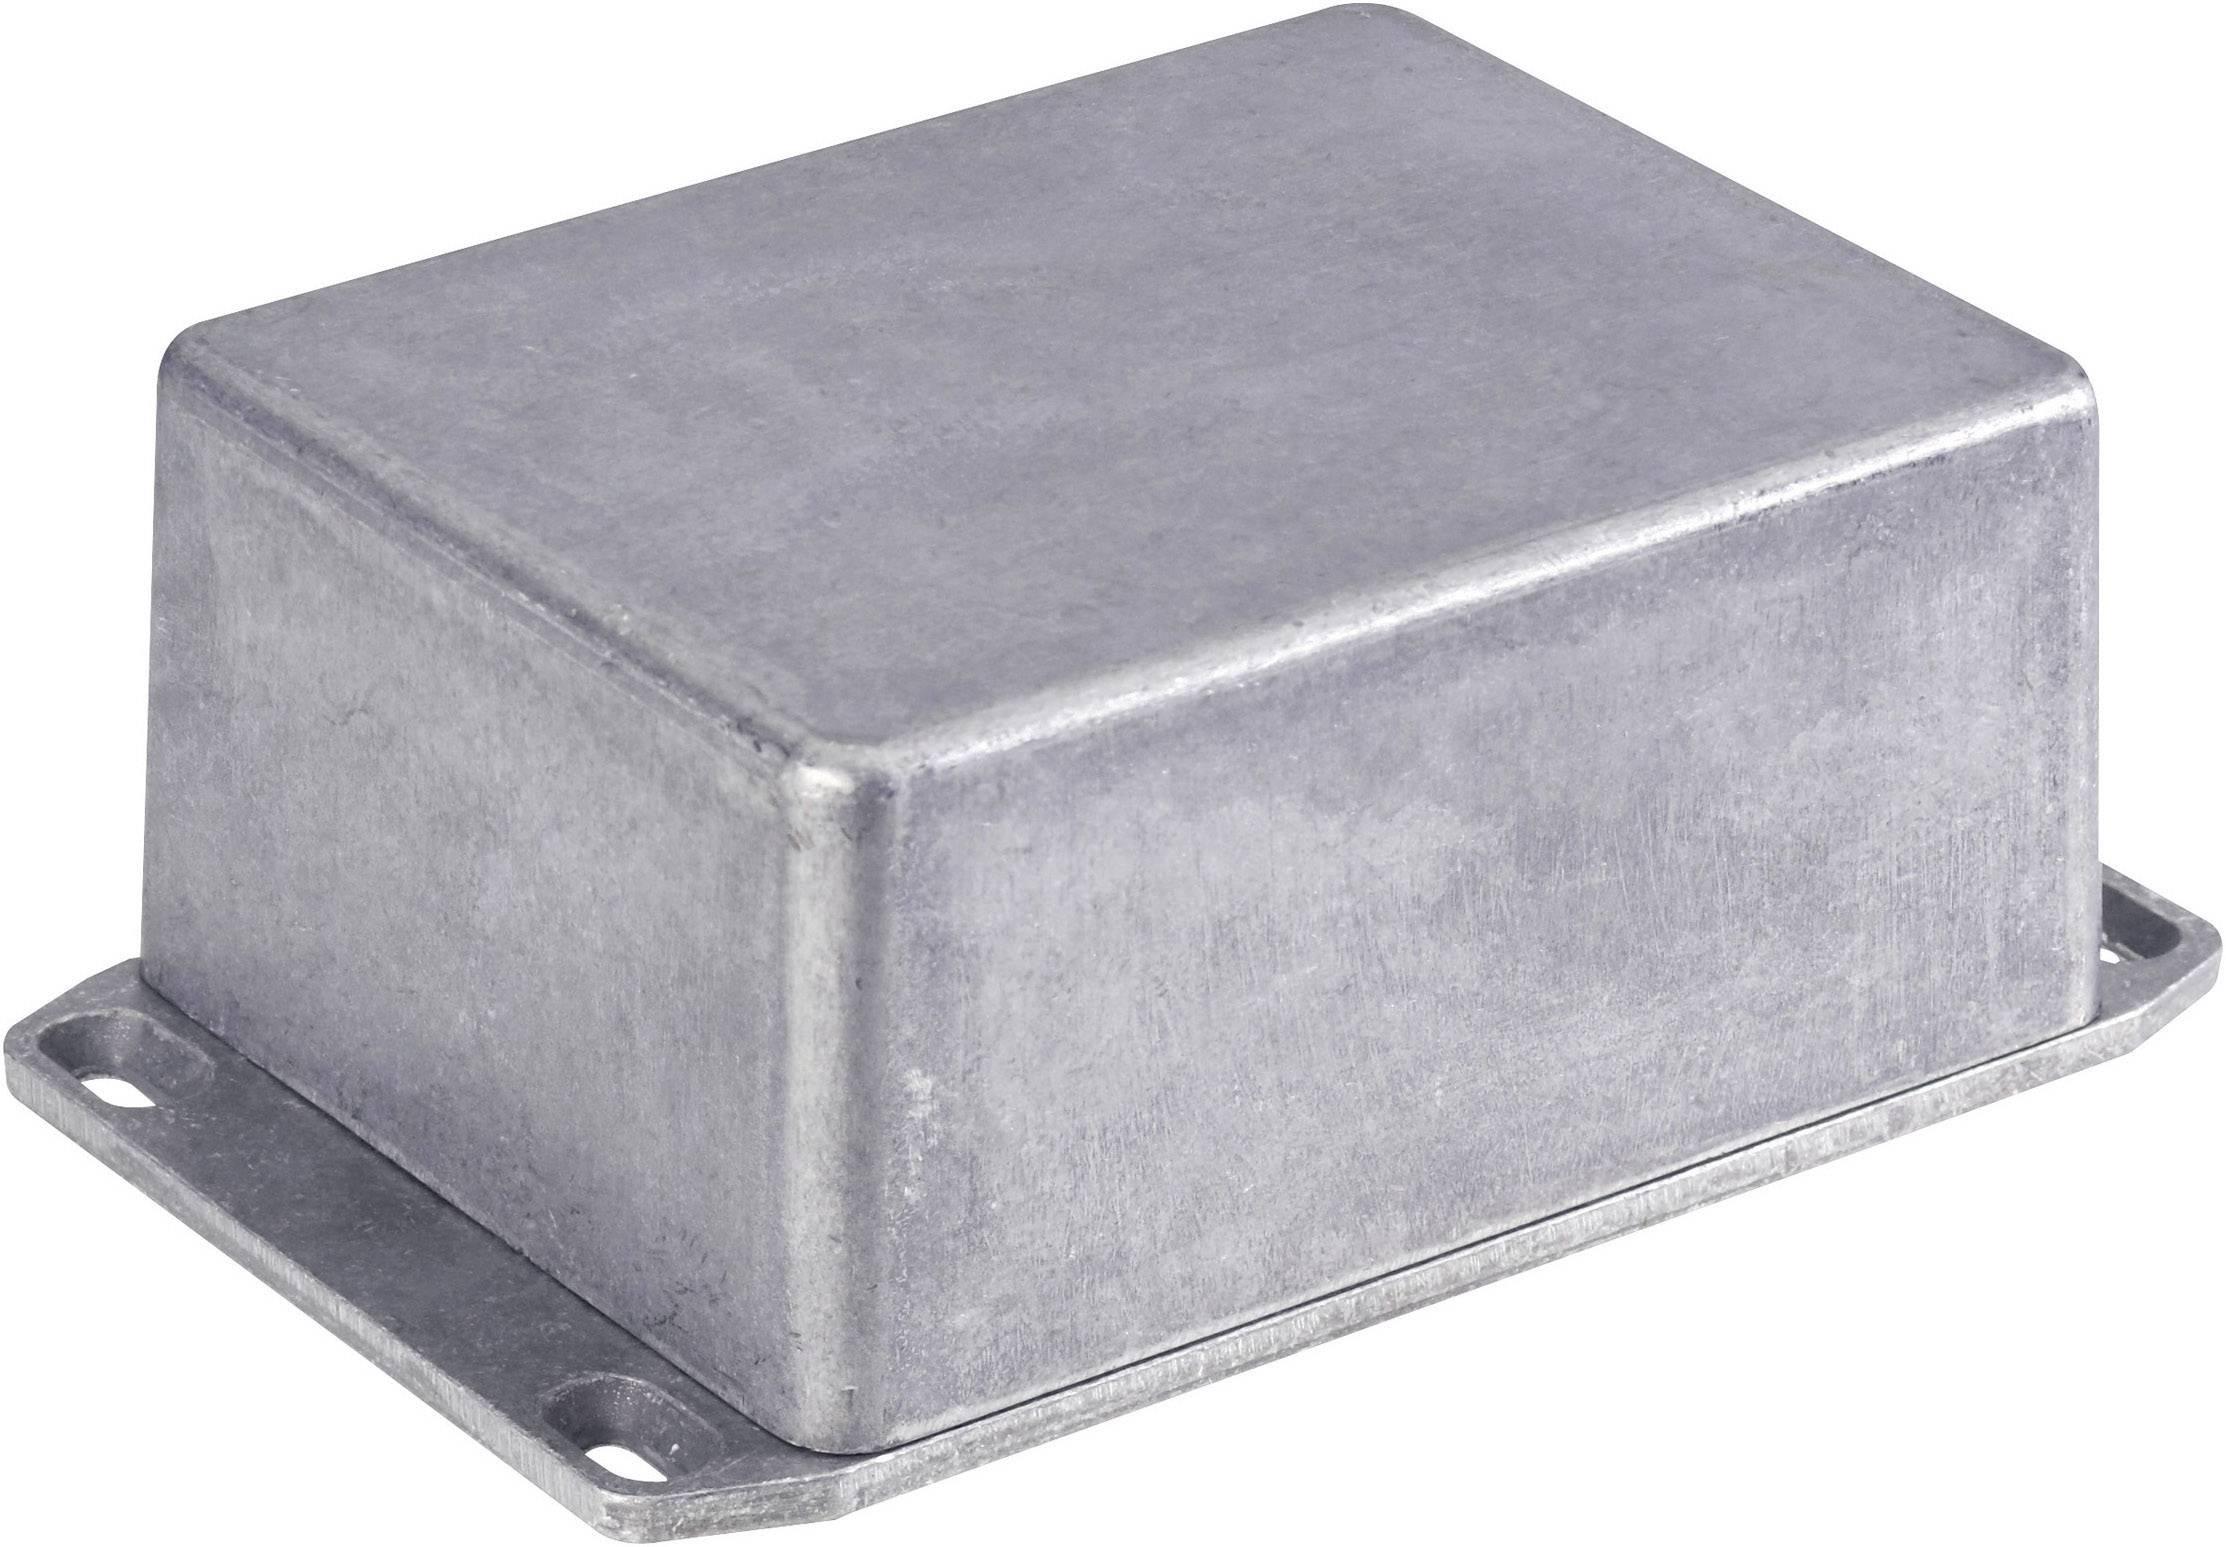 Tlakem lité hliníkové pouzdro Hammond Electronics 1590NFLBK, (d x š x v) 121 x 66 x 40 mm, černá